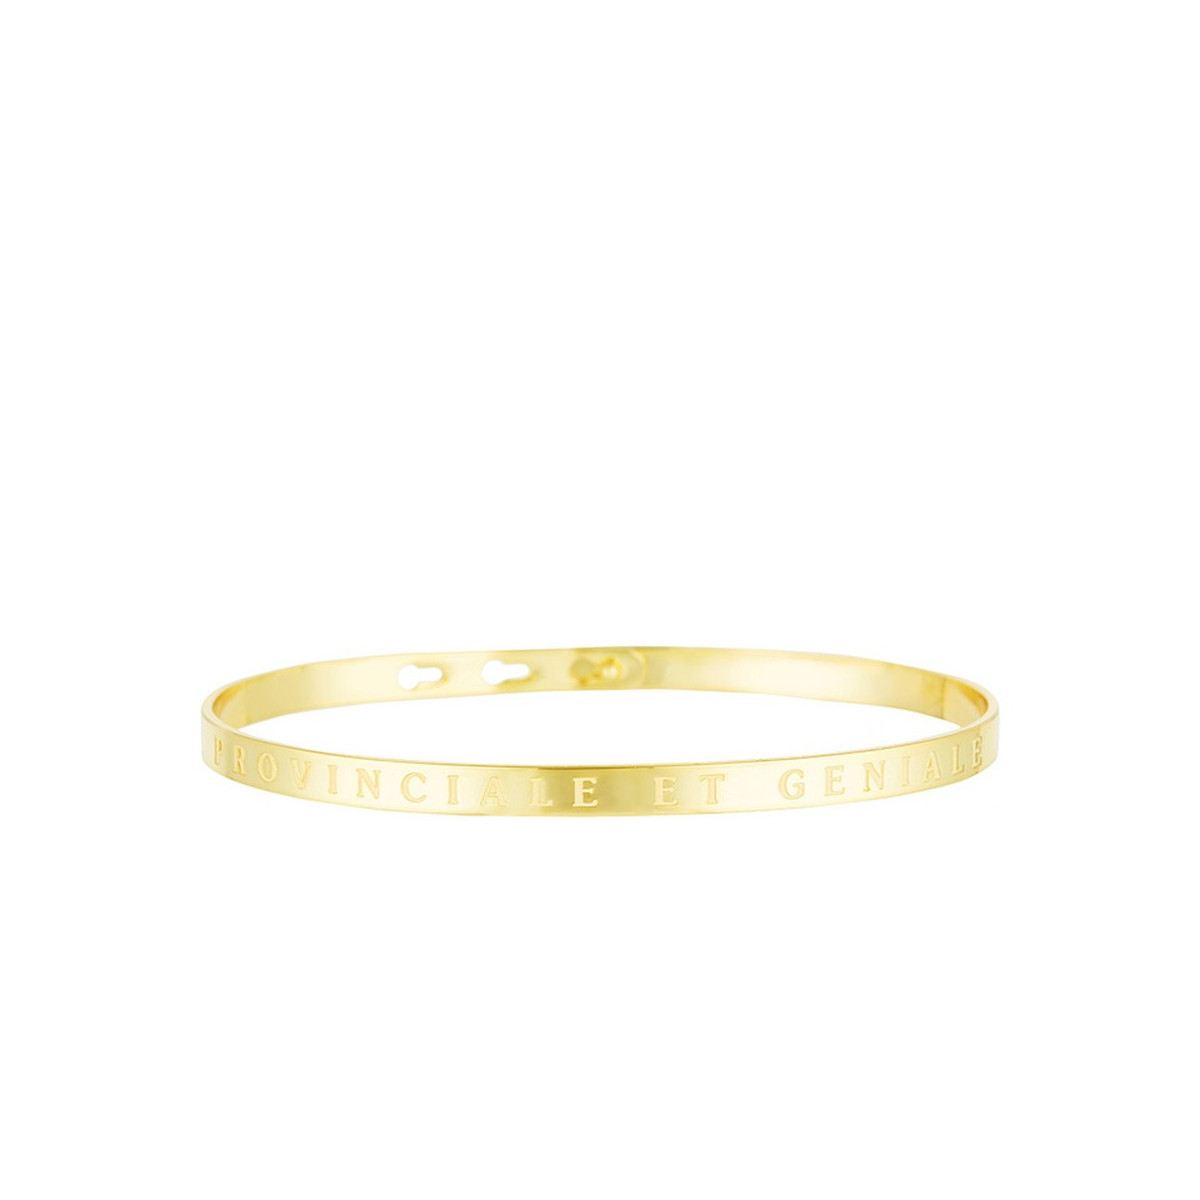 """Bracelet Jonc à message """"PROVINCIALE ET GENIALE"""" doré"""